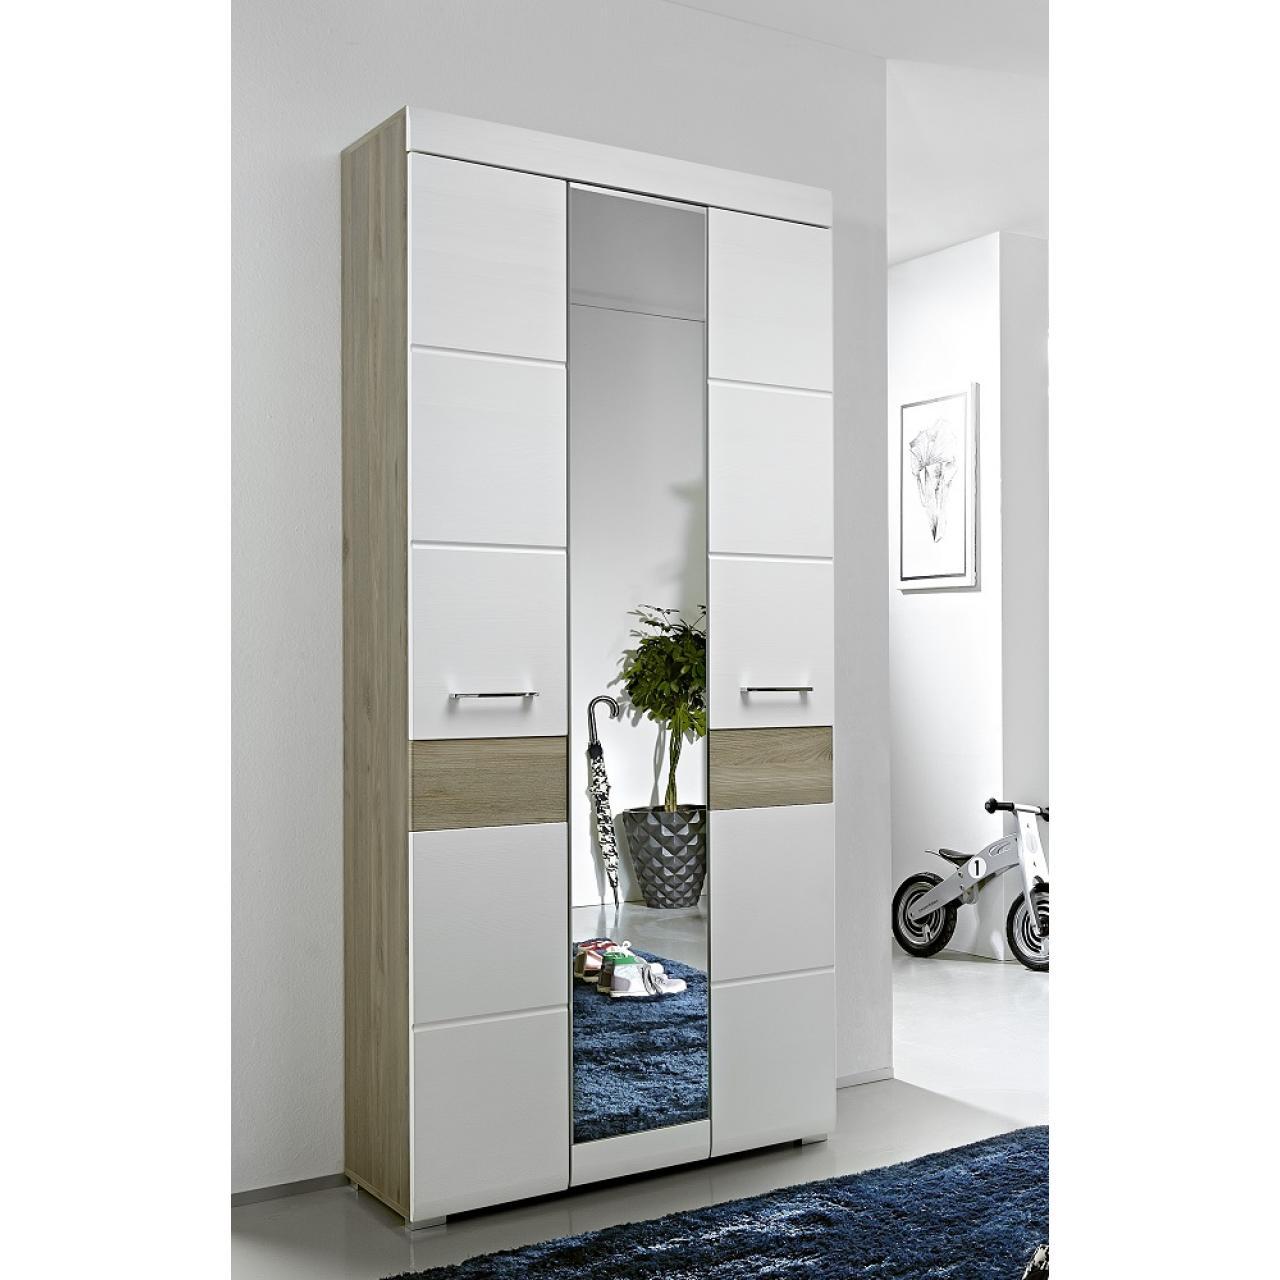 Garderobenschrank Funny 1 Spiegeltür 2 Holztüren 6 Böden Flur Diele MDF Weiß